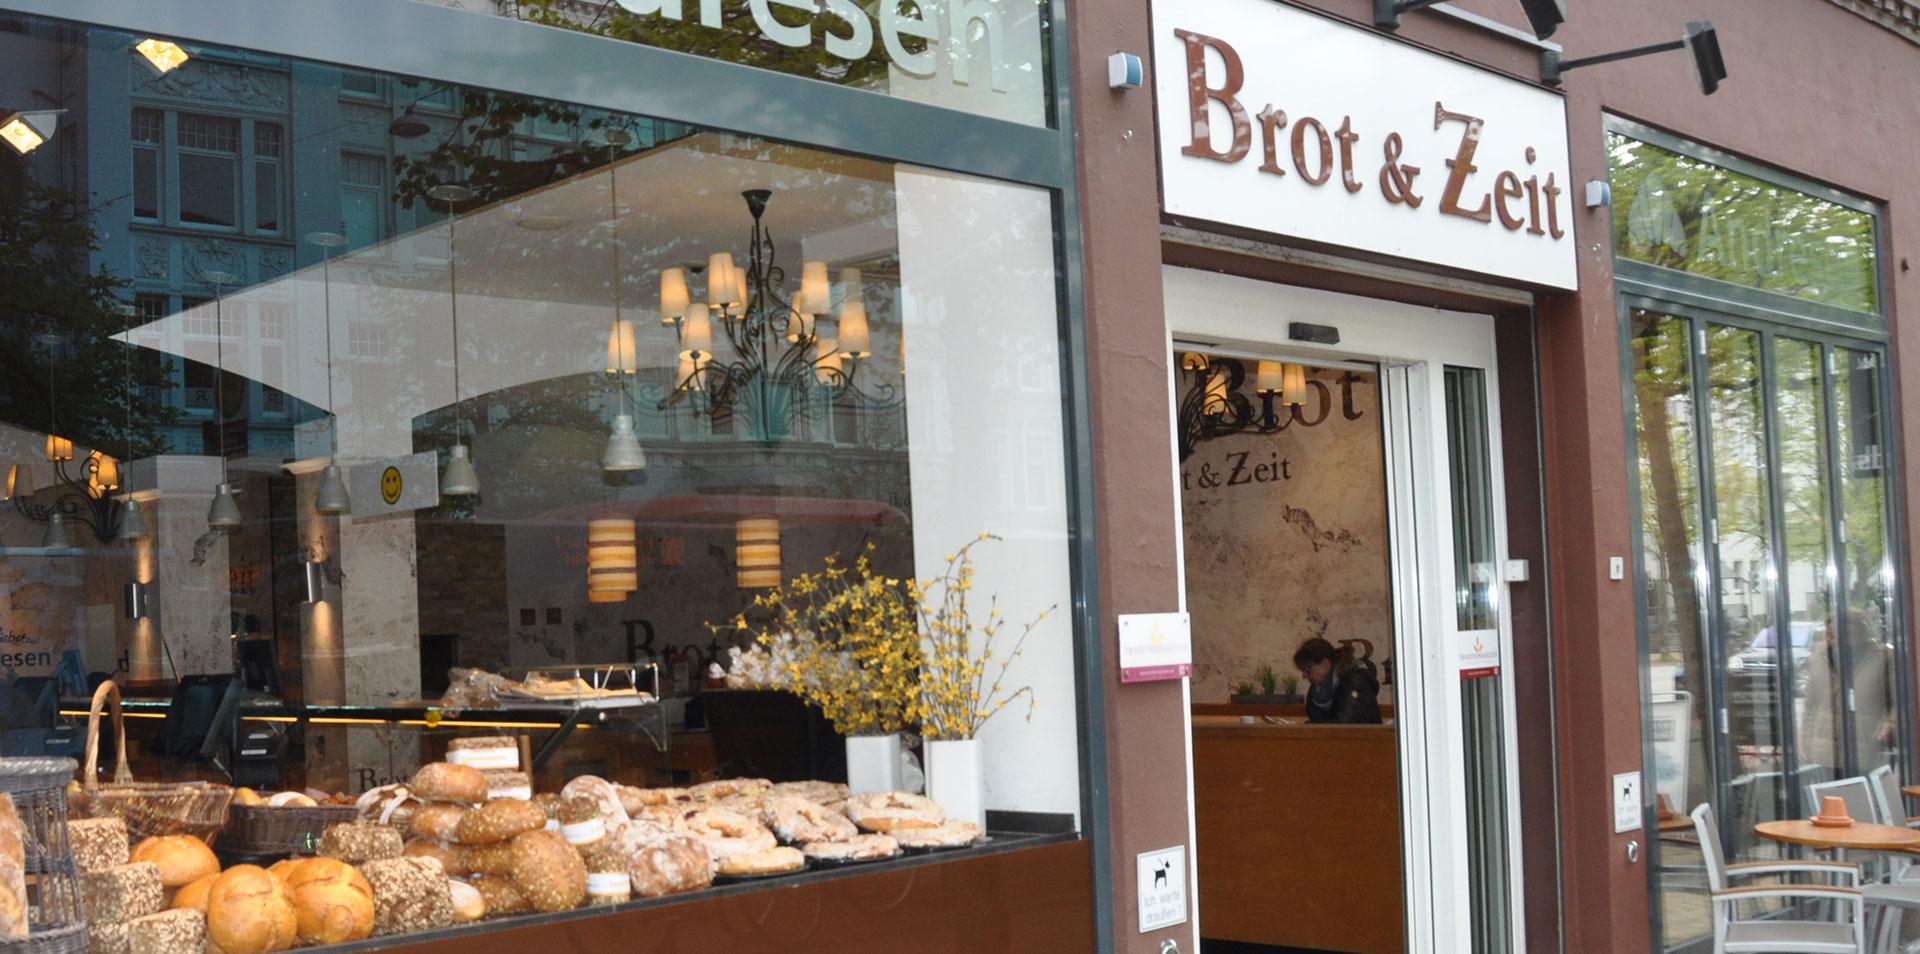 Brot und Zeit frühstücken in kiel